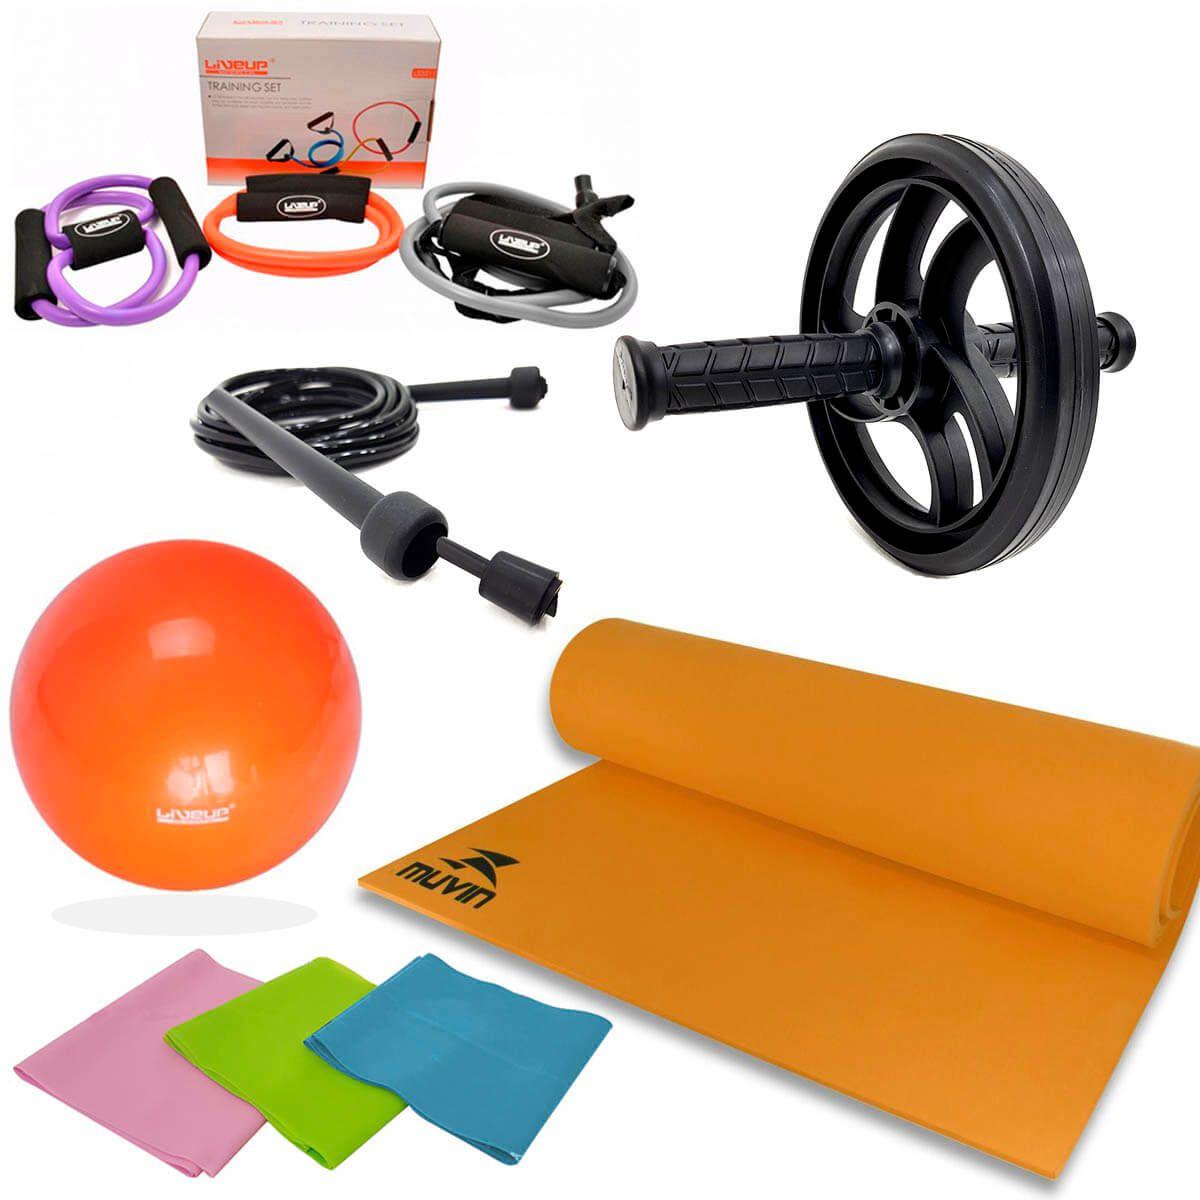 Kit Treinamento Funcional Roda + Corda + Tapete + Faixas + Extensores + Overball